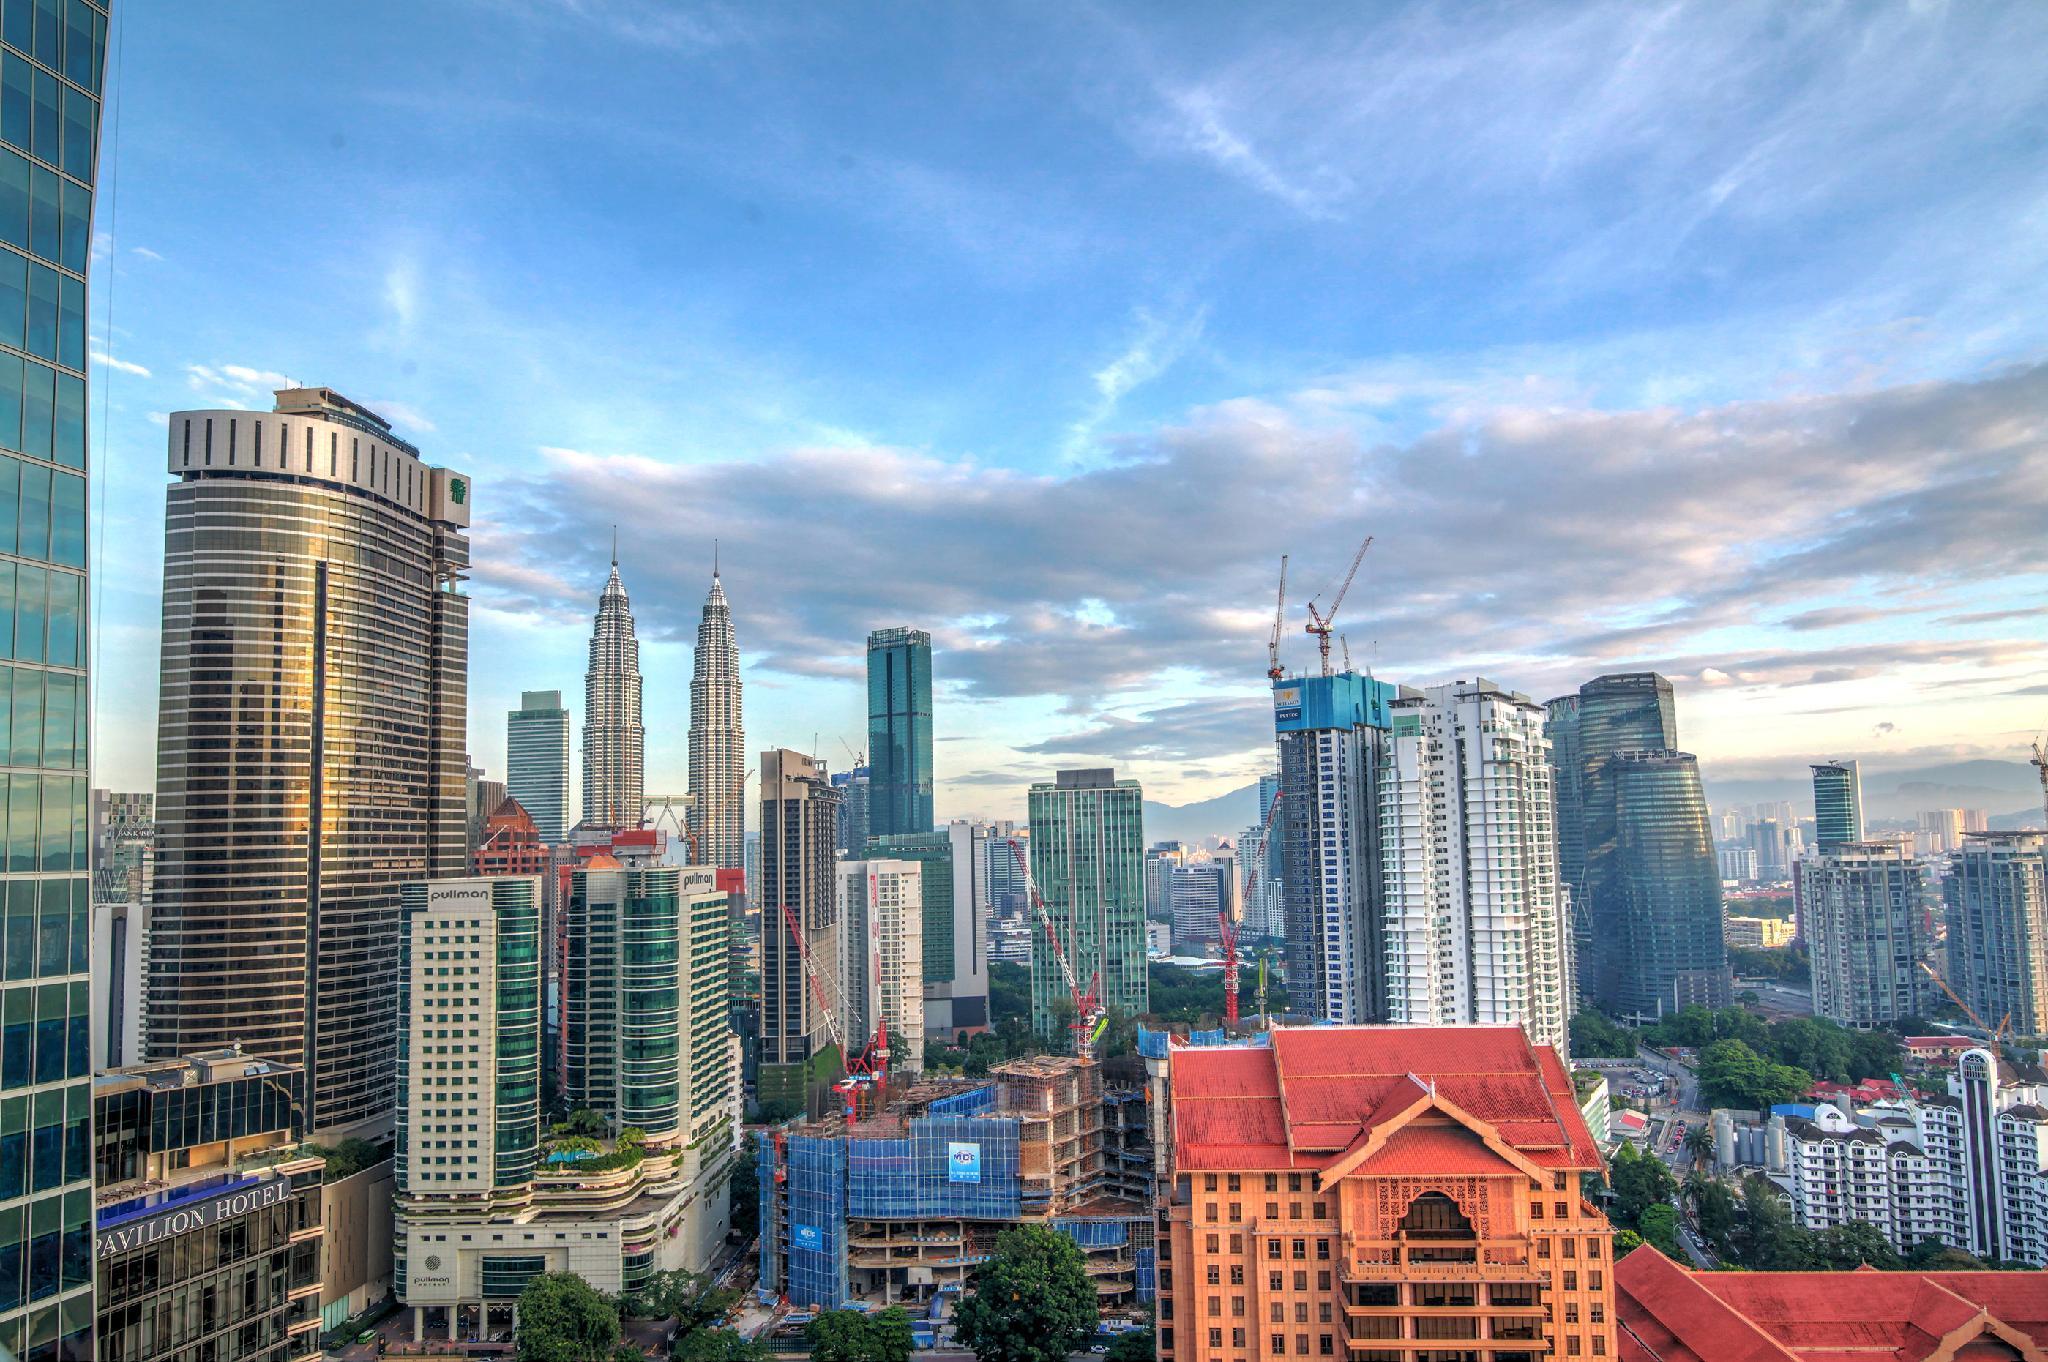 Dorsett Residences Bukit Bintang